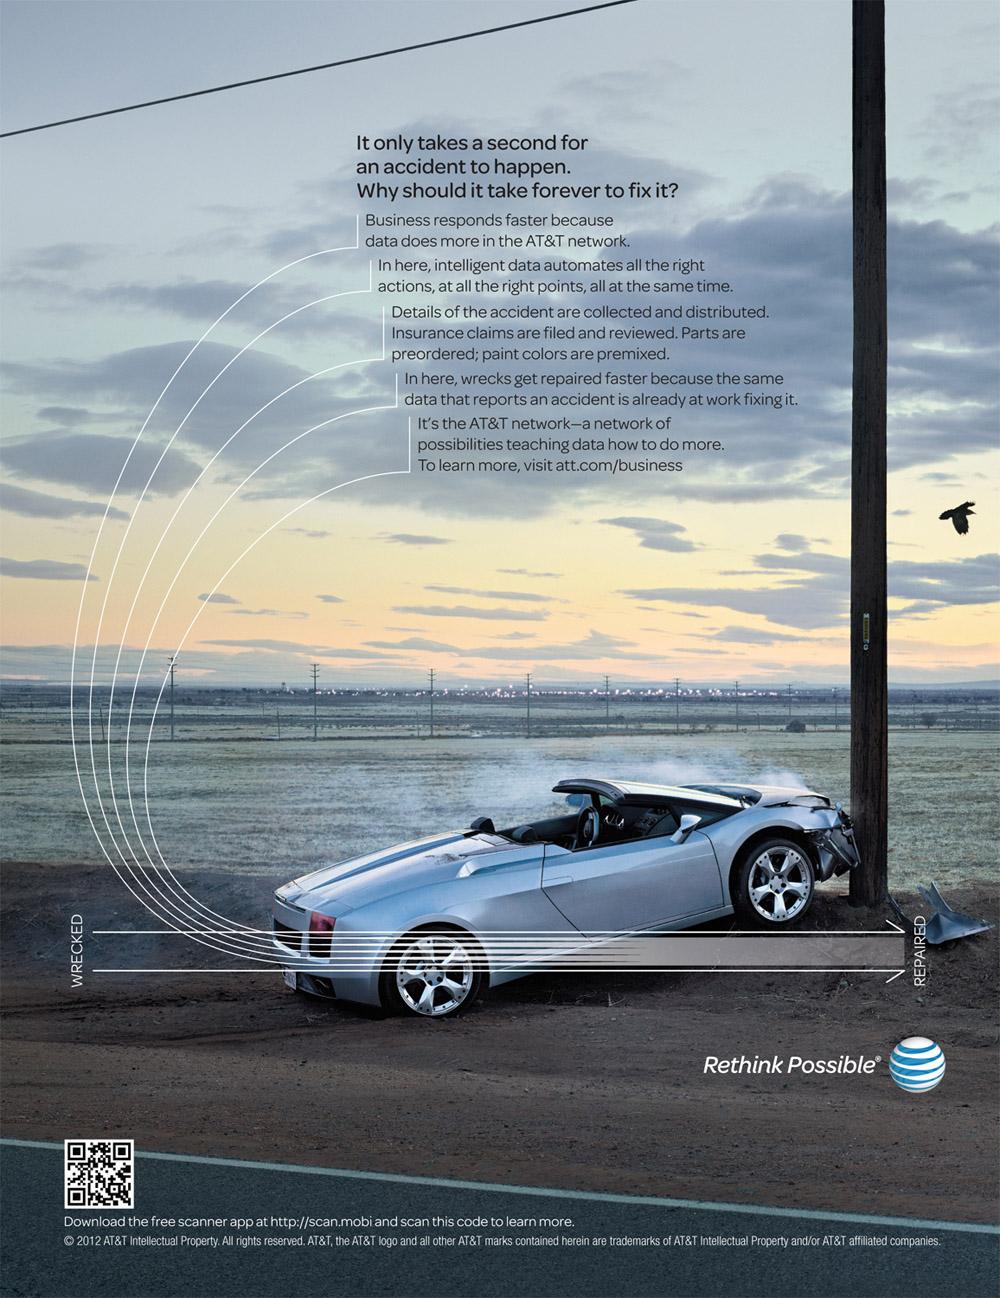 AT&T Enterprise Business